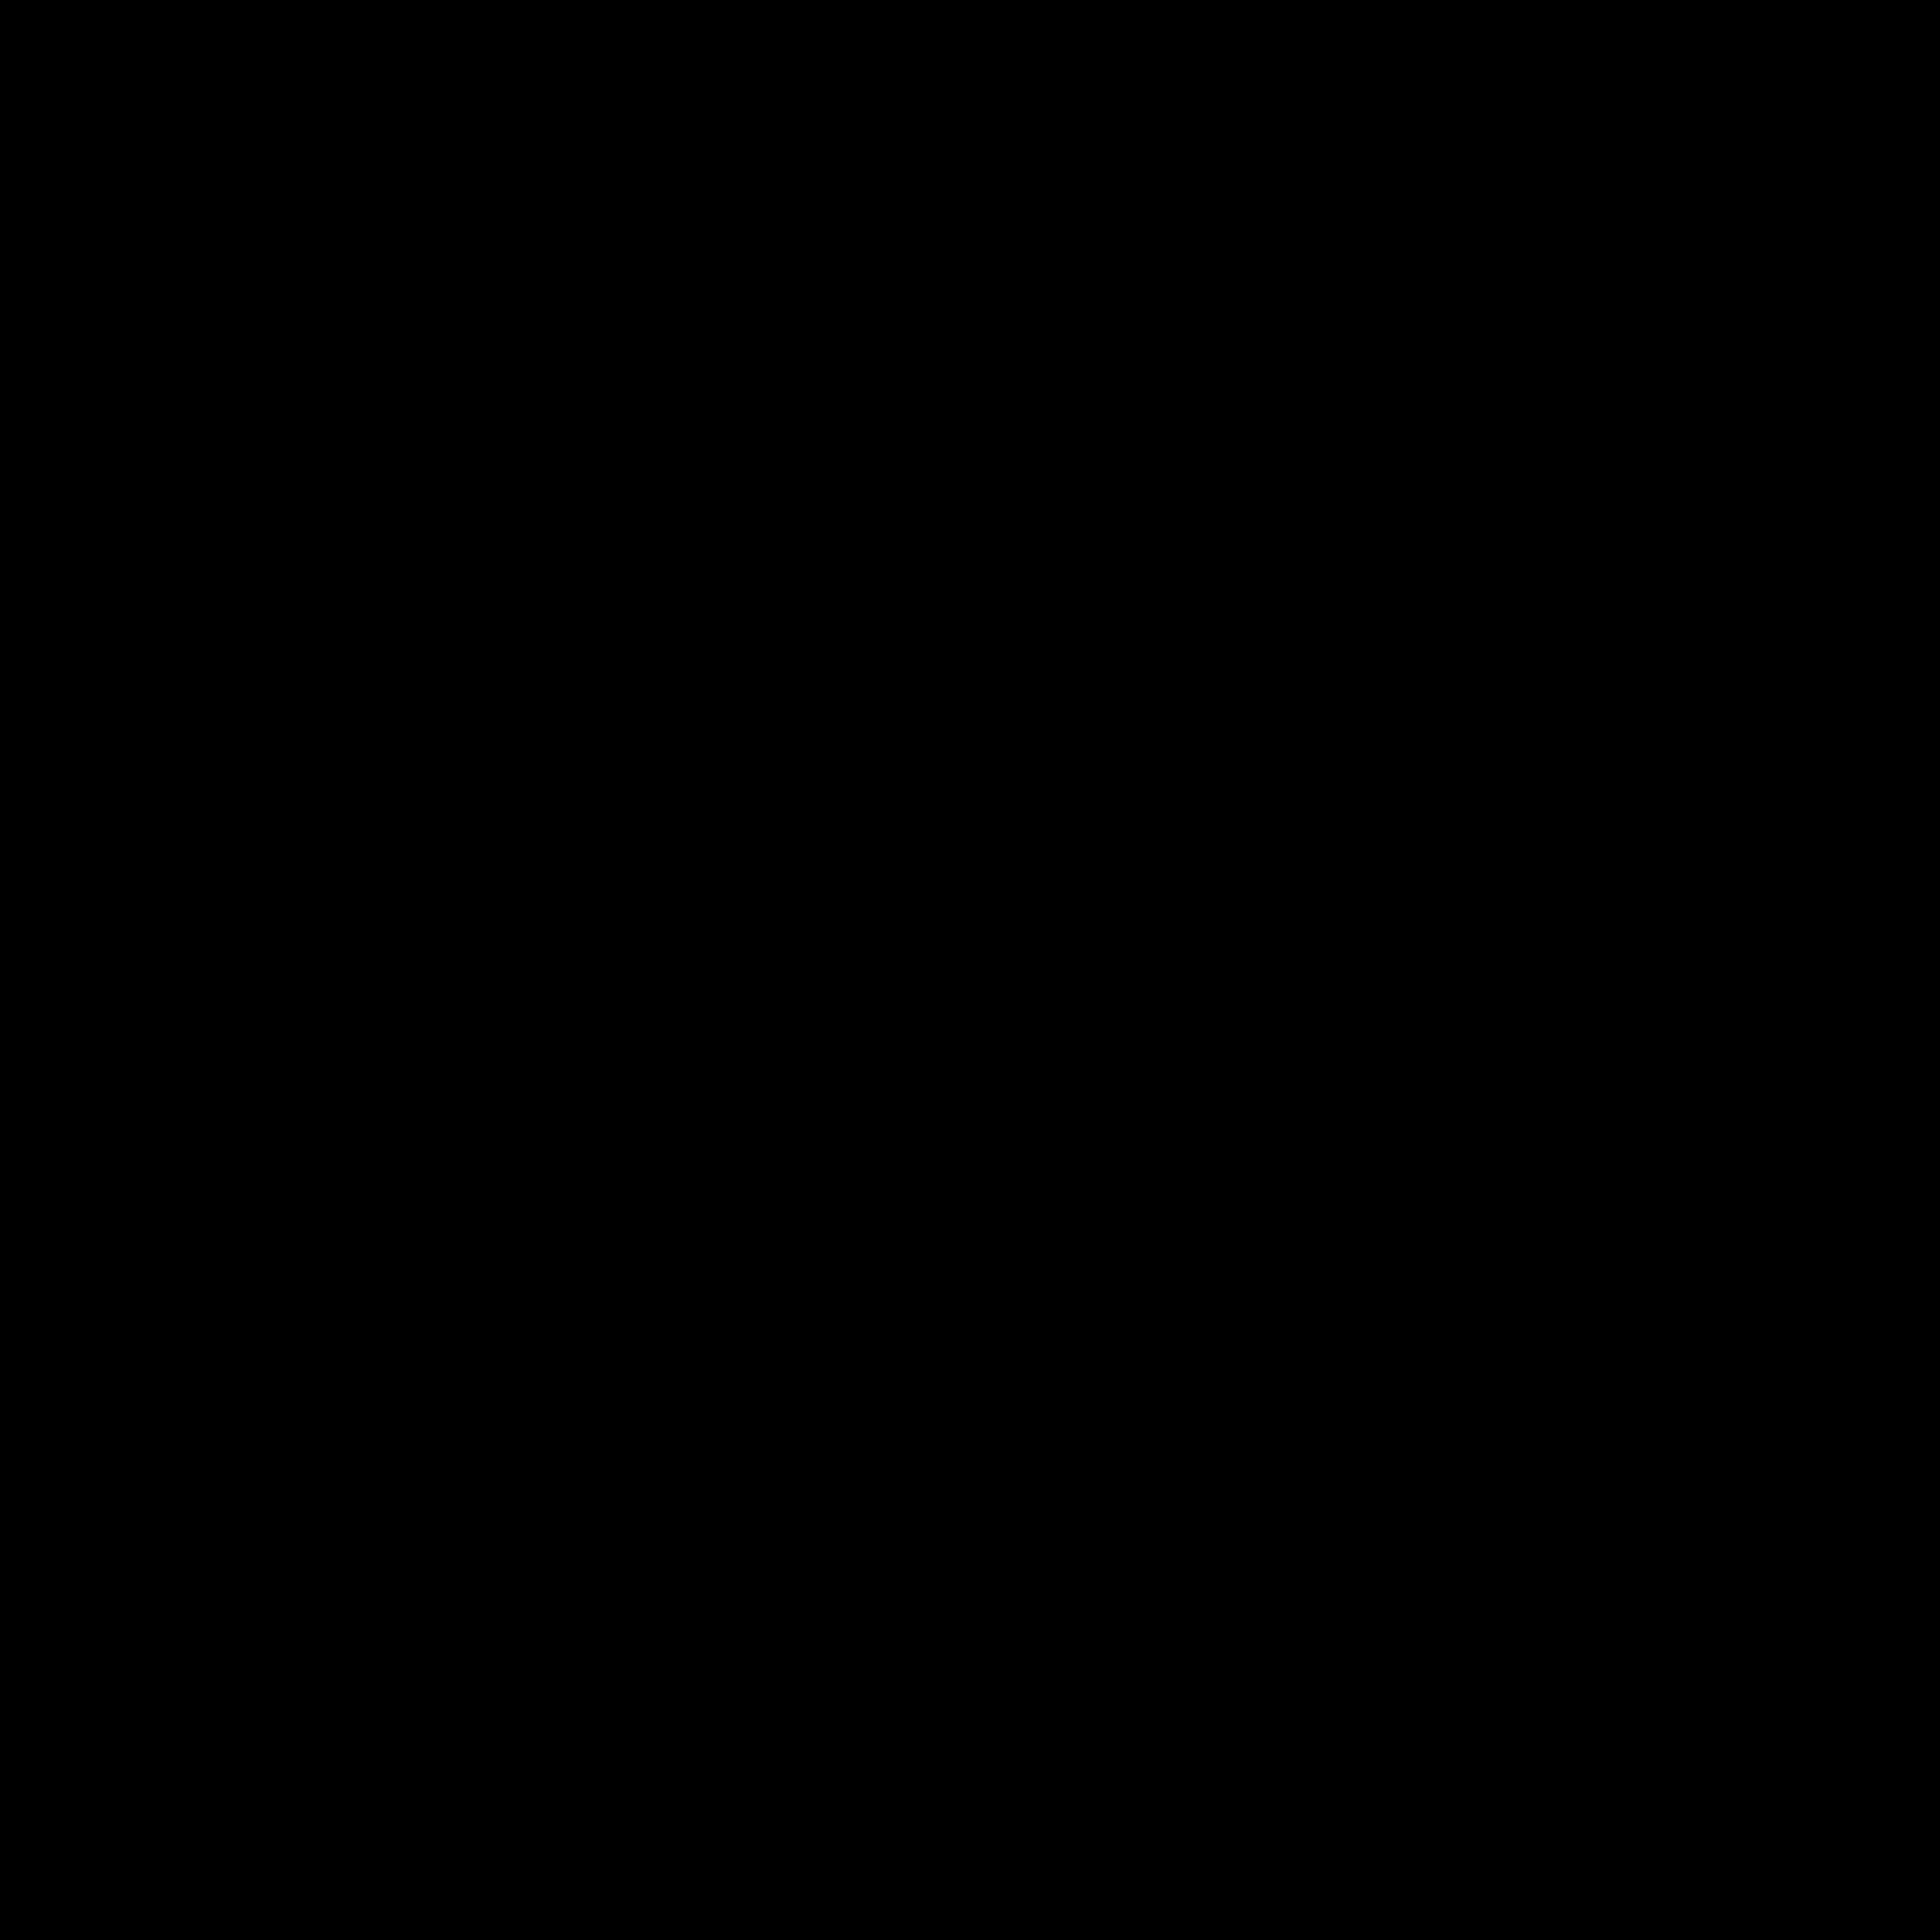 Молочная смесь Малютка Nutricia 4 от 18 мес. 300 г фото